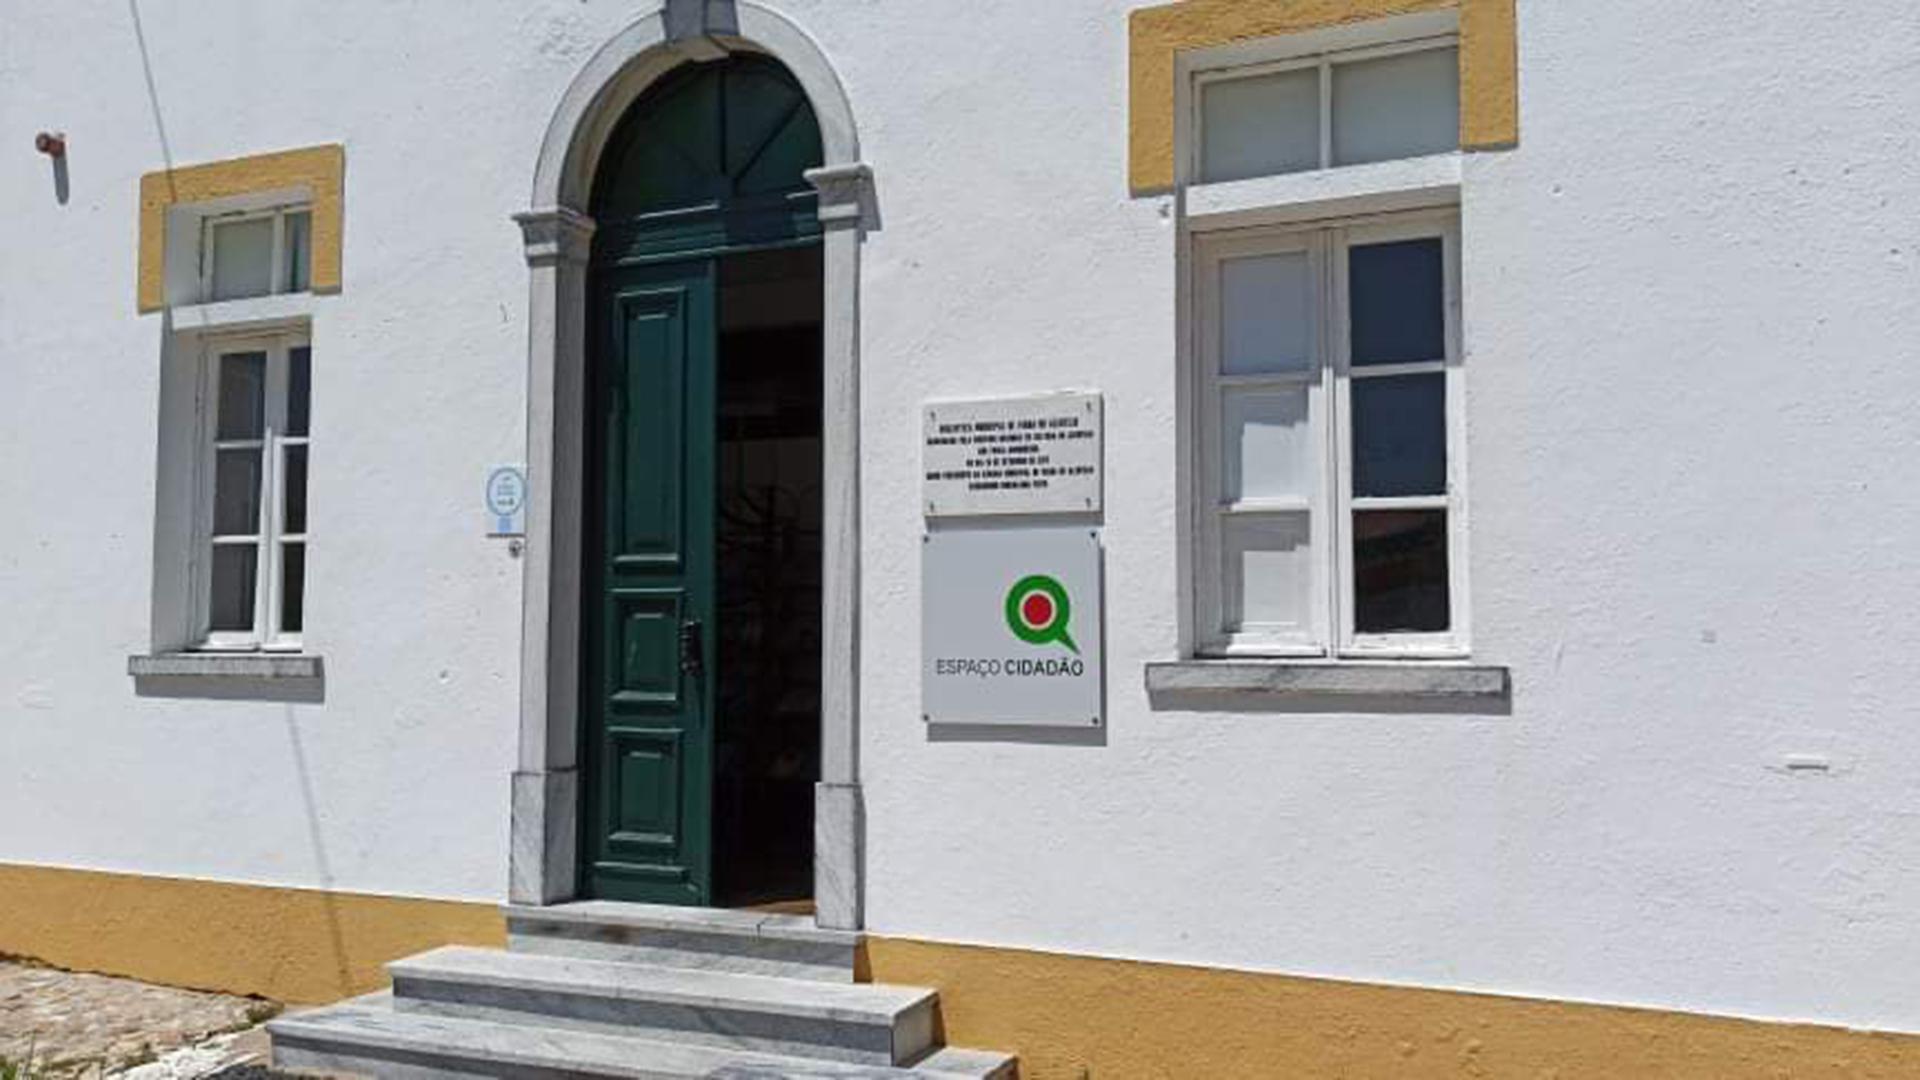 (Português) Espaço Cidadão de Viana do Alentejo com procura significativa